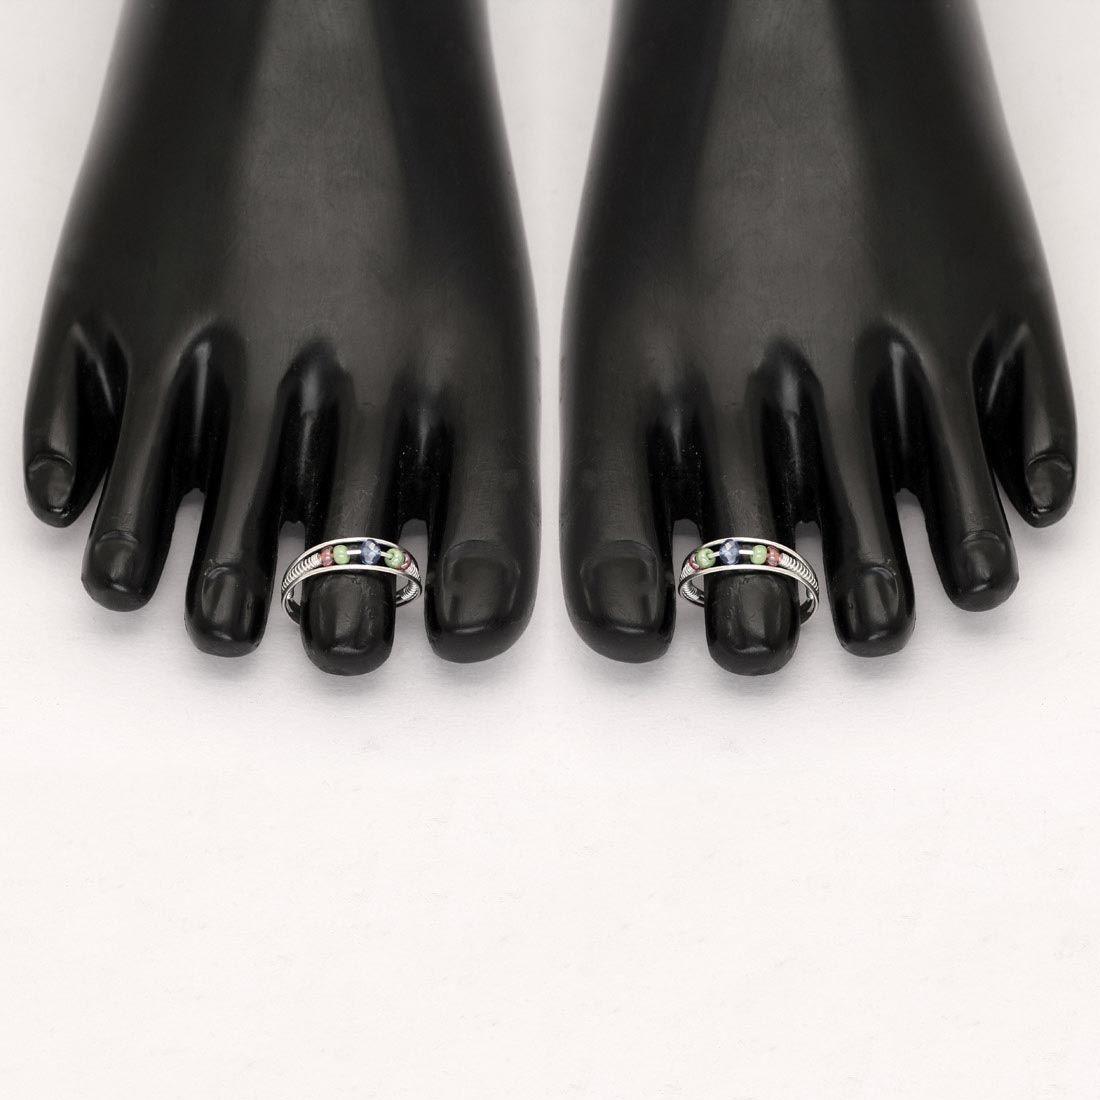 Anillos dedos pie